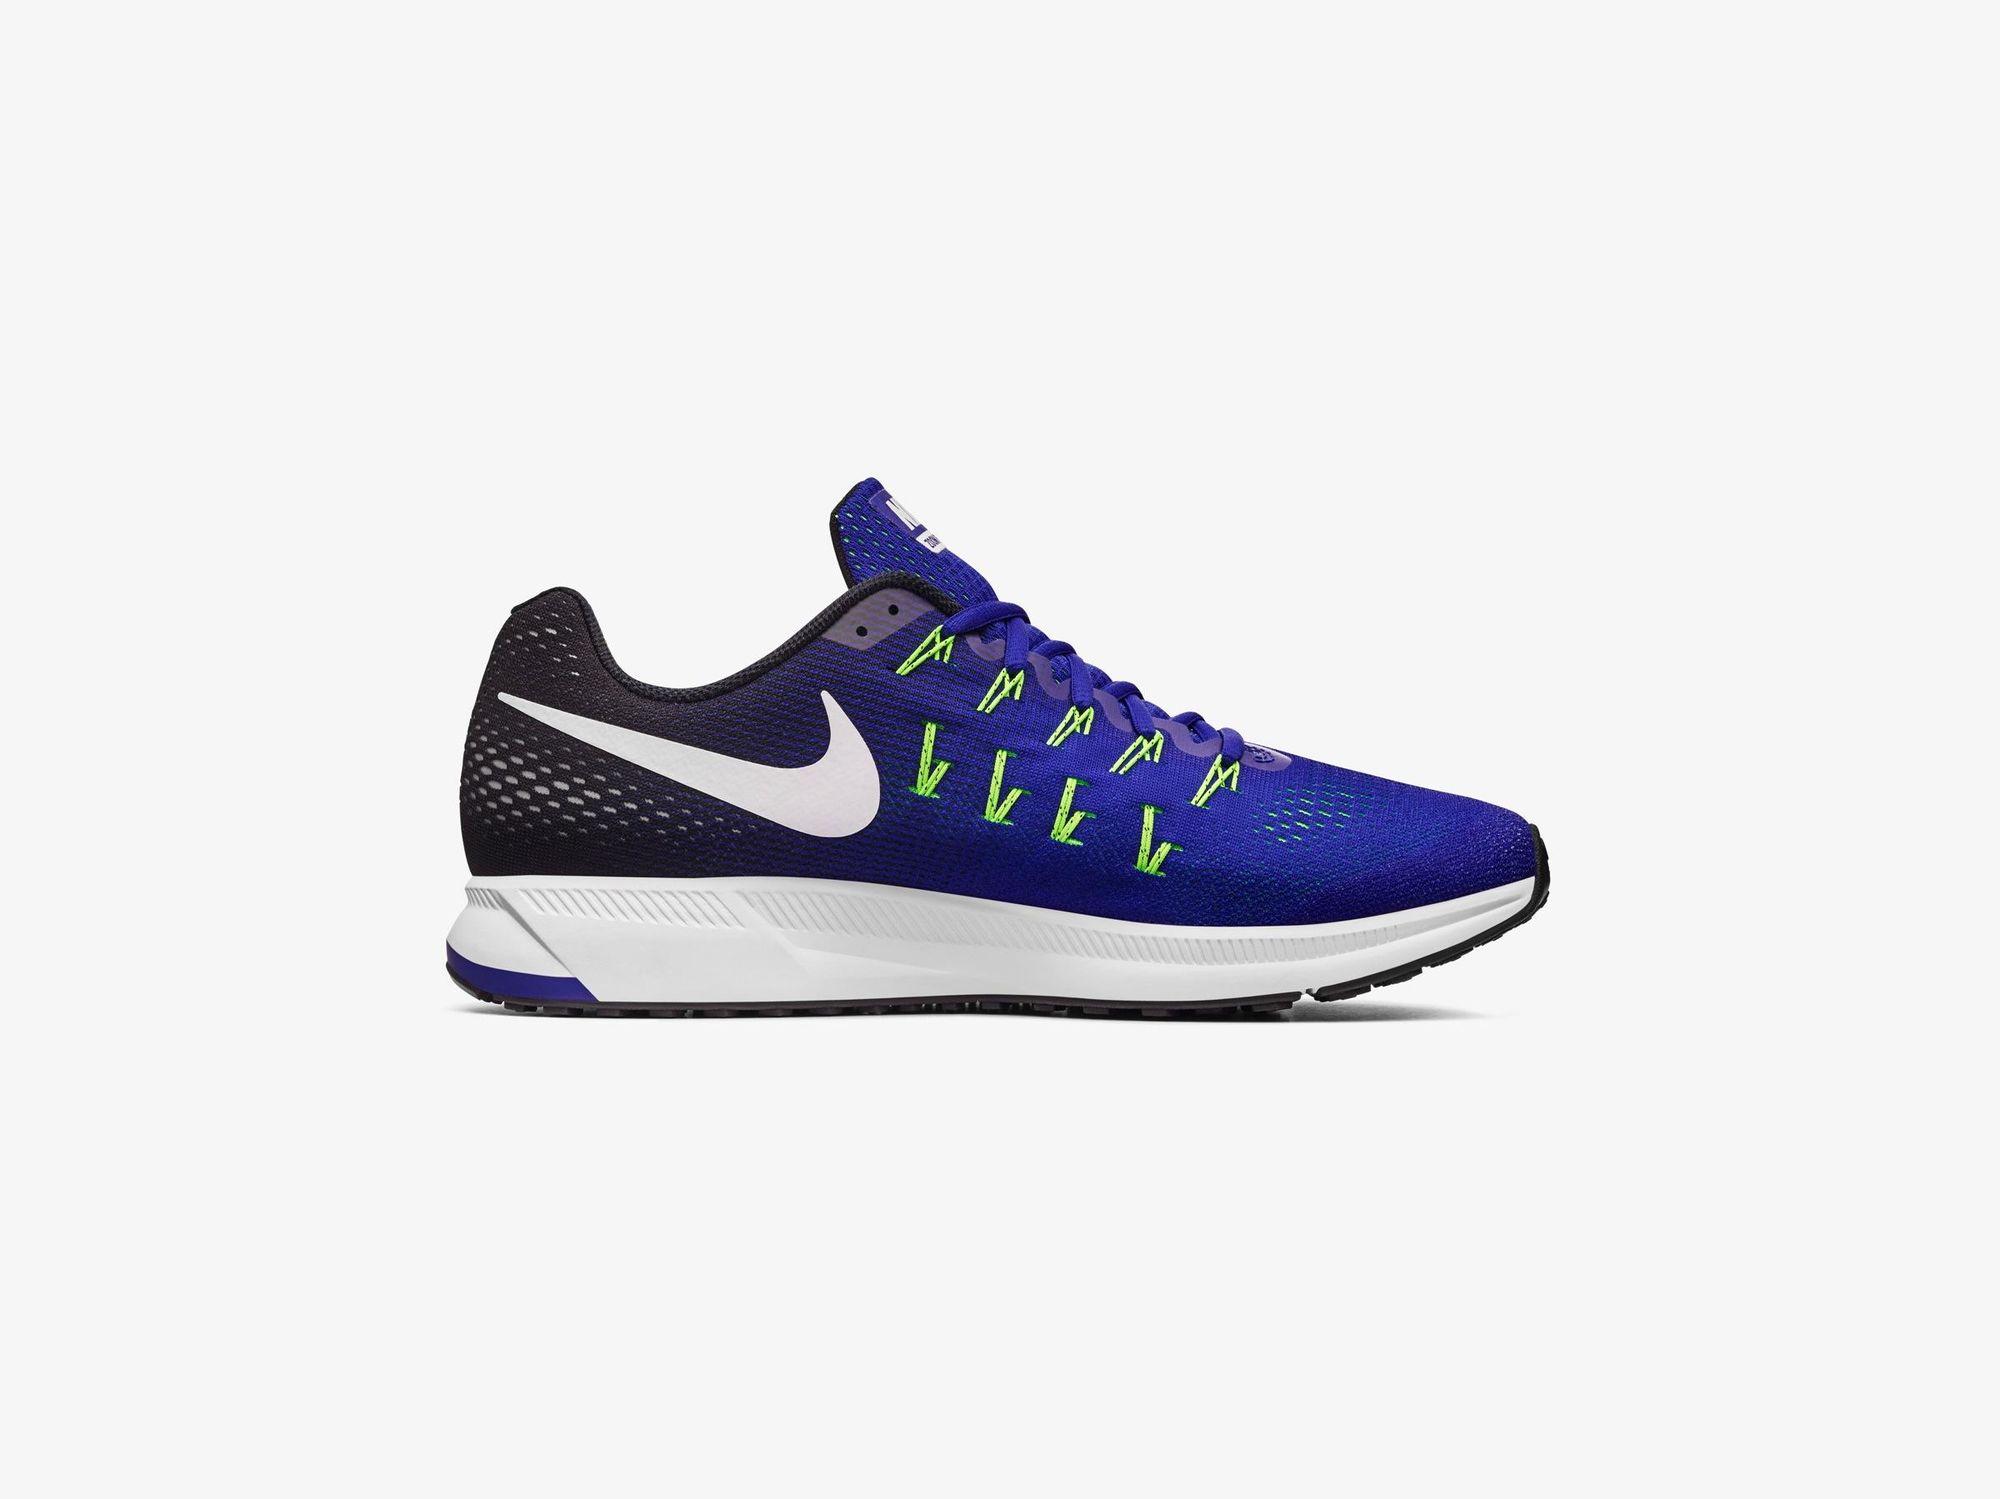 Nike Air Zoom Pegasus 33 in Blau